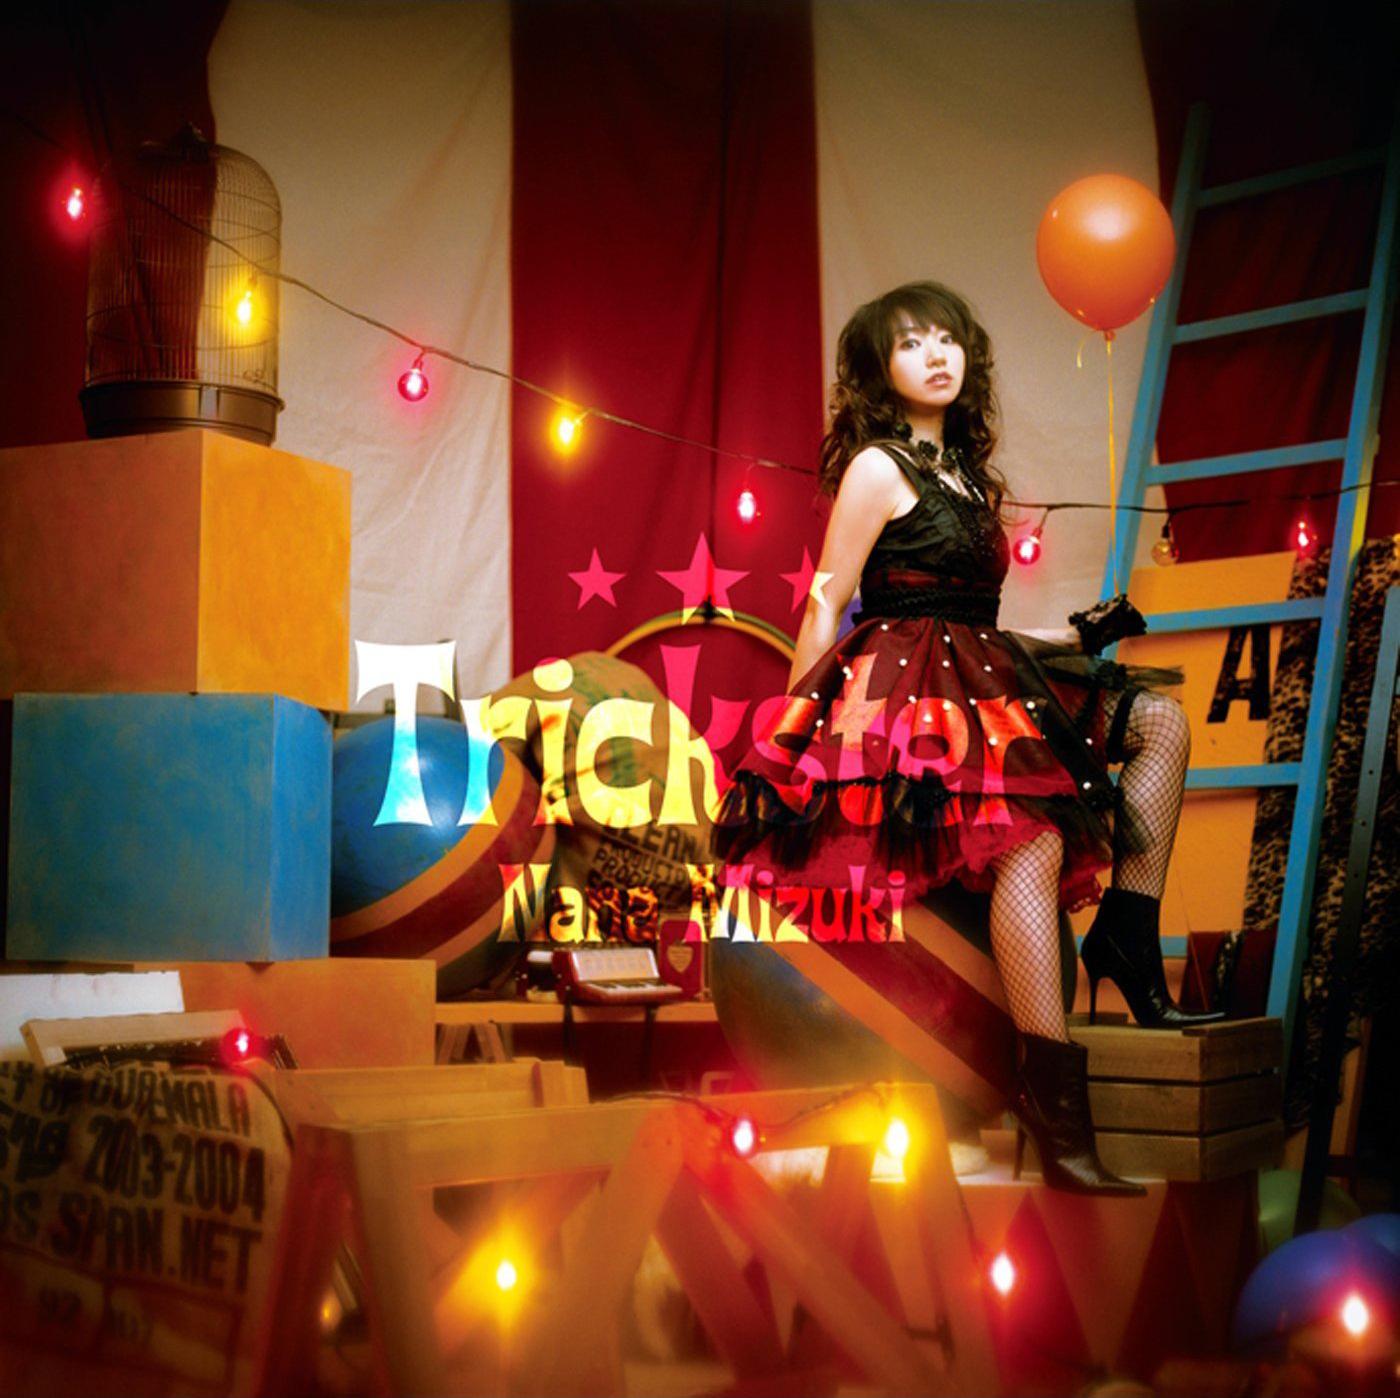 水樹奈々 (みずきなな) 18thシングル『Trickster (トリックスター)』(2008年10月1日) 高画質ジャケット画像